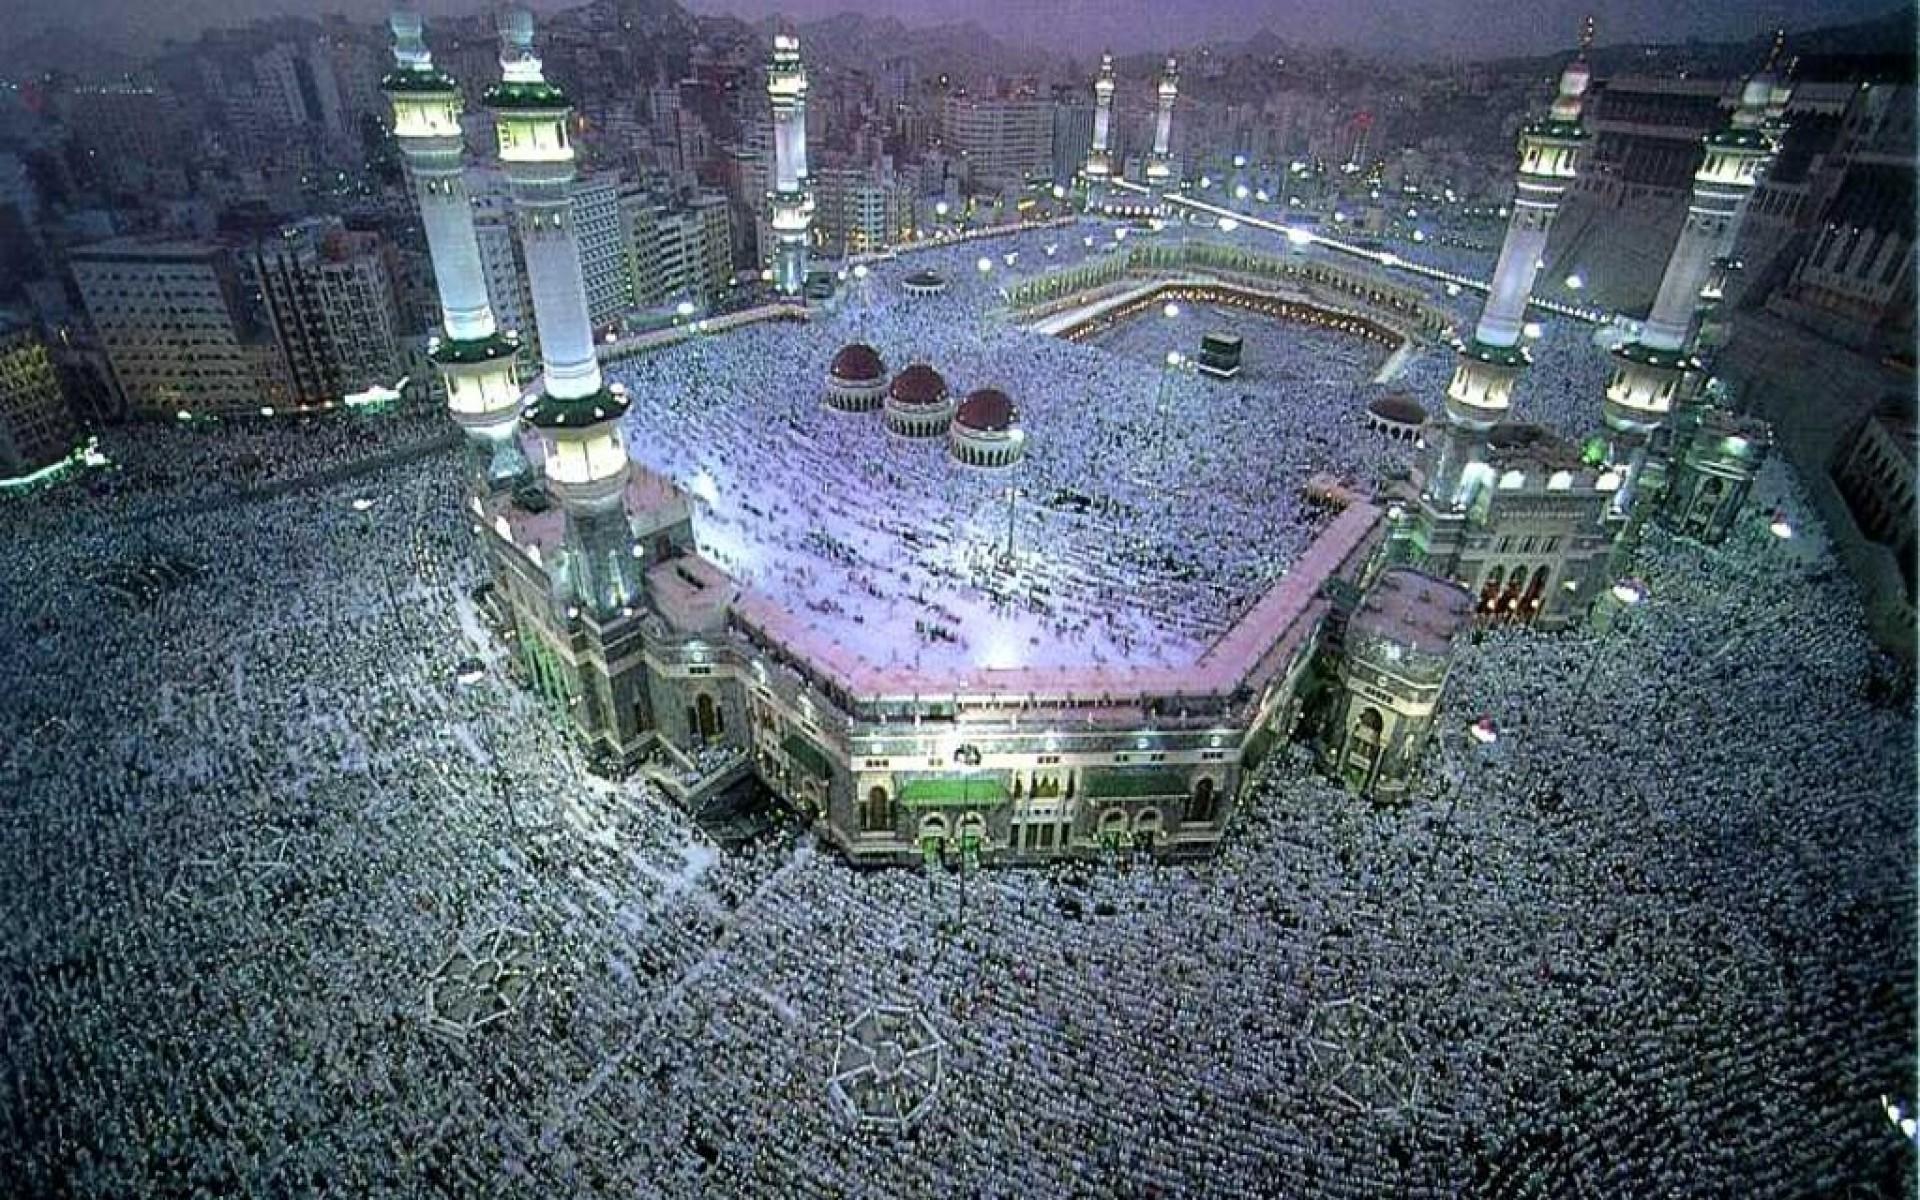 добраться фото аллаха на земле лучше выбирать